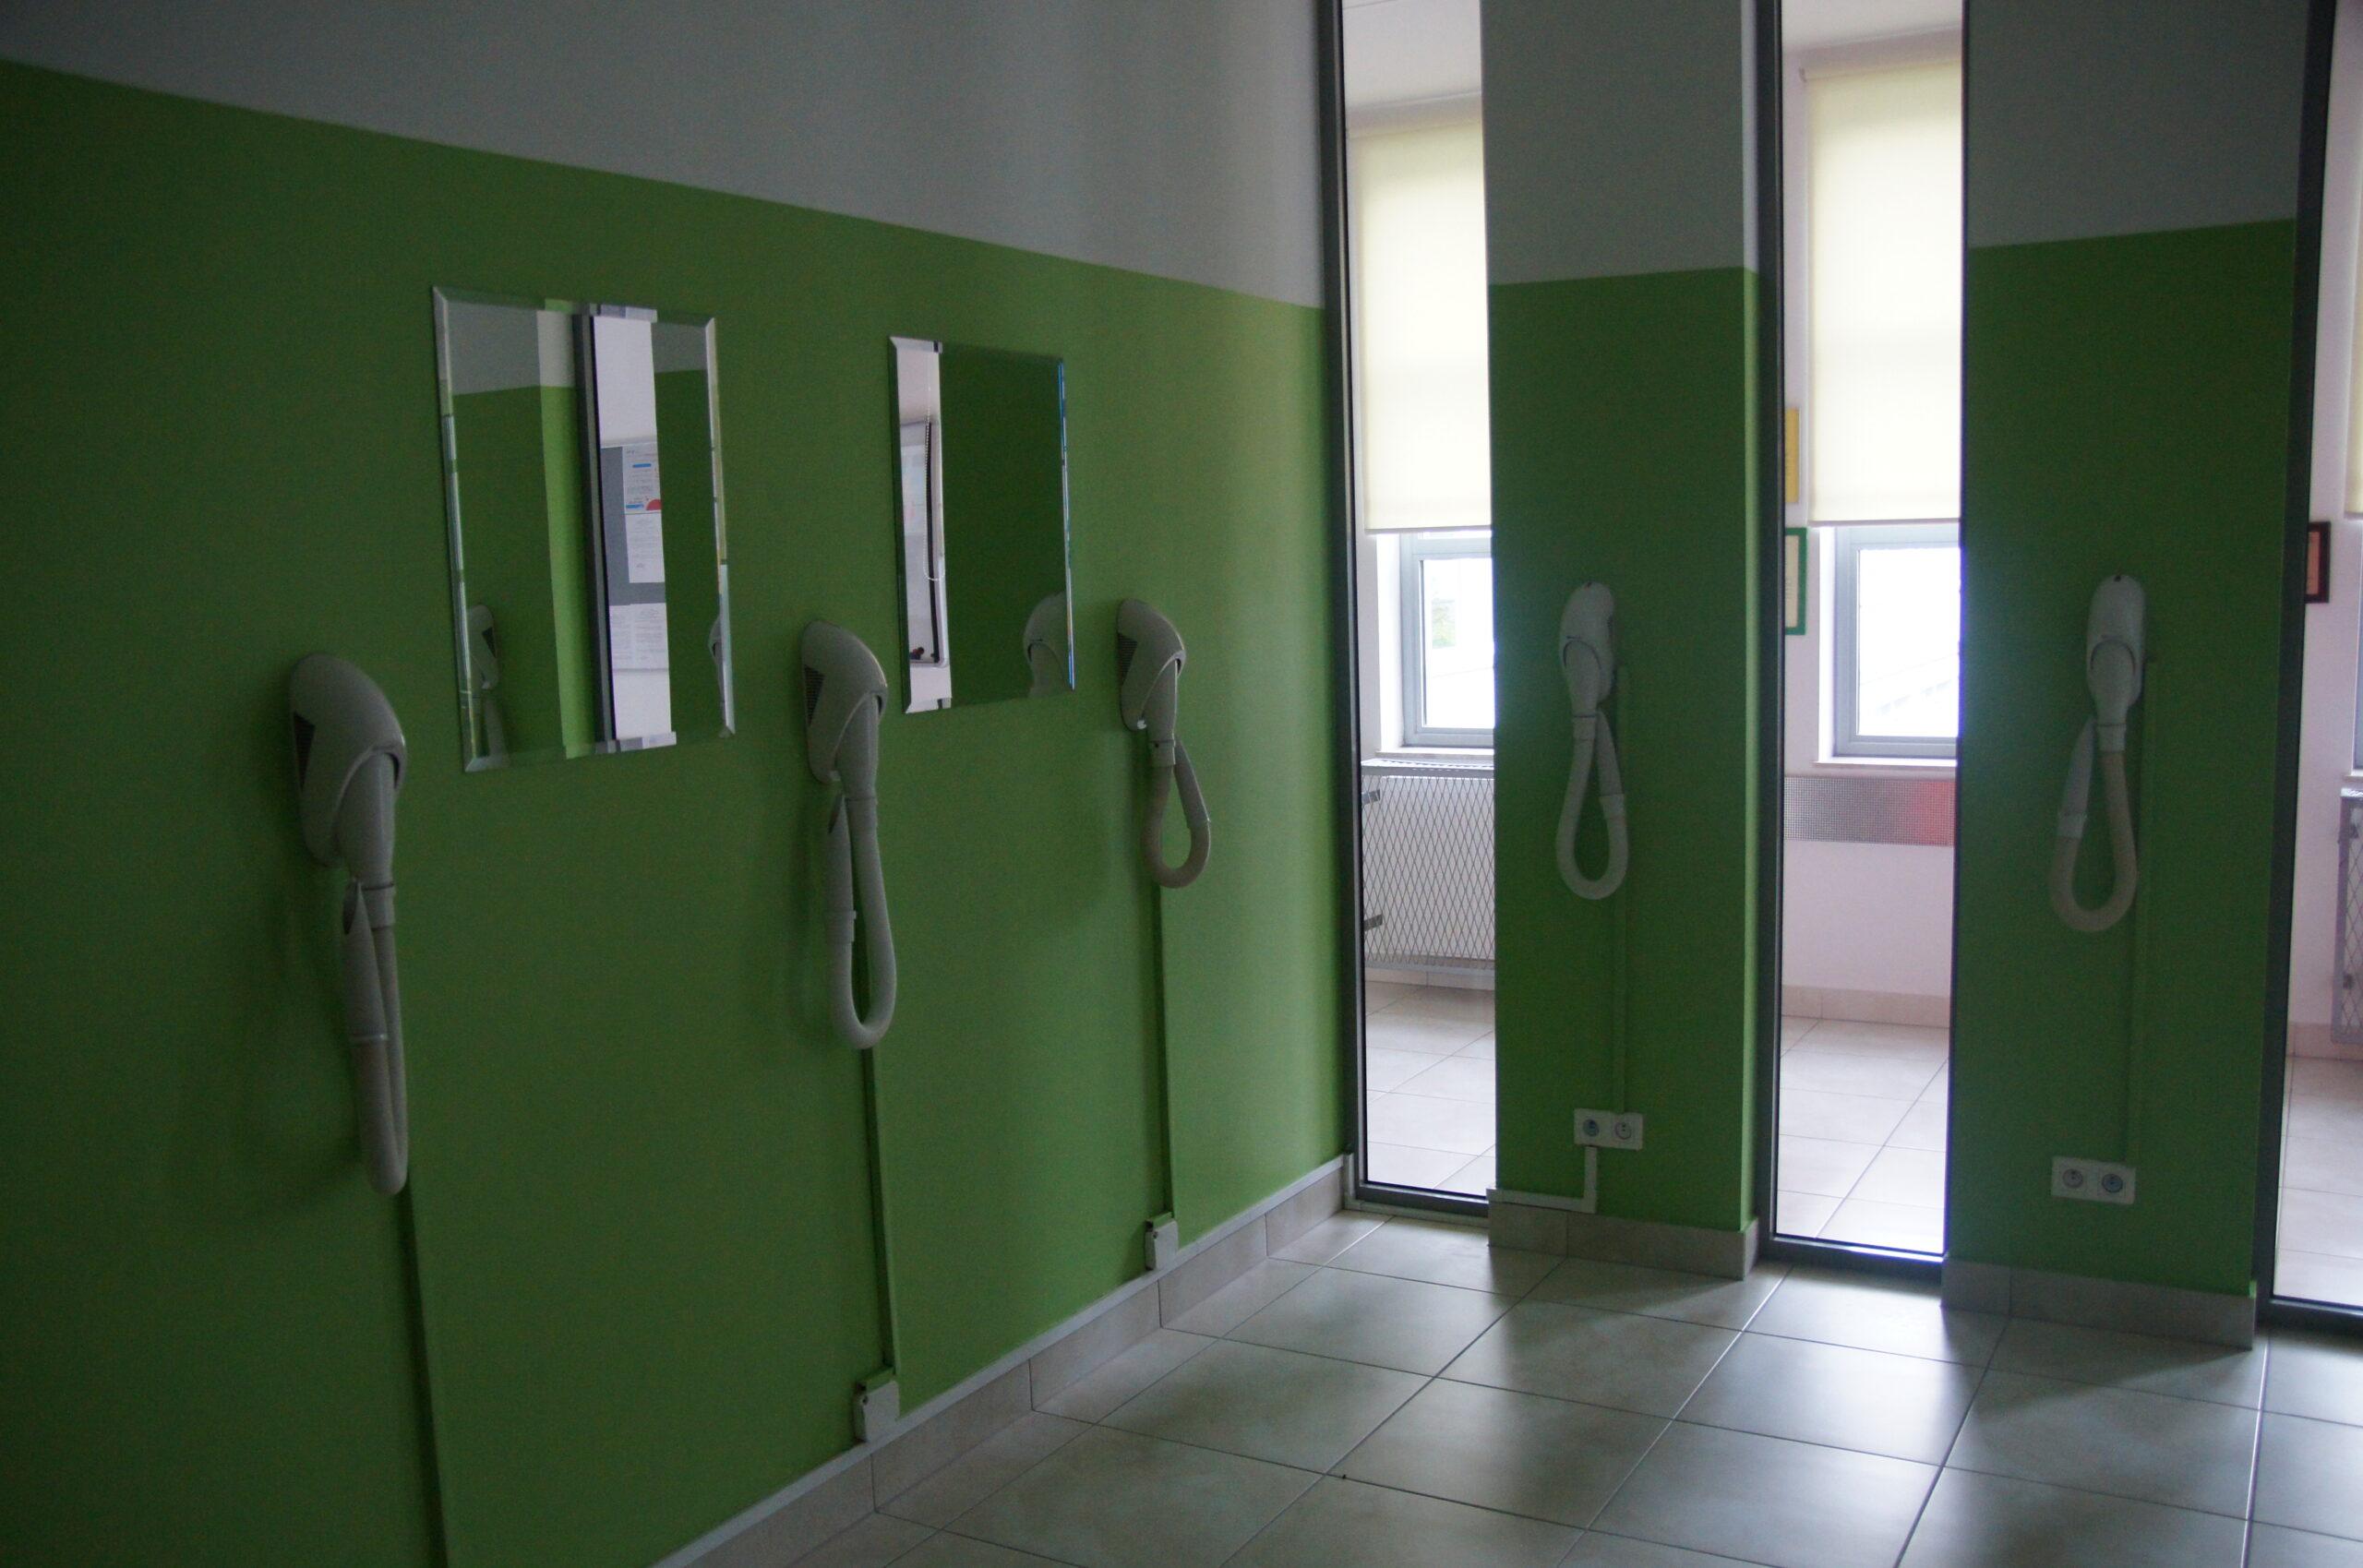 Suszarki na tle zielonej ściany.